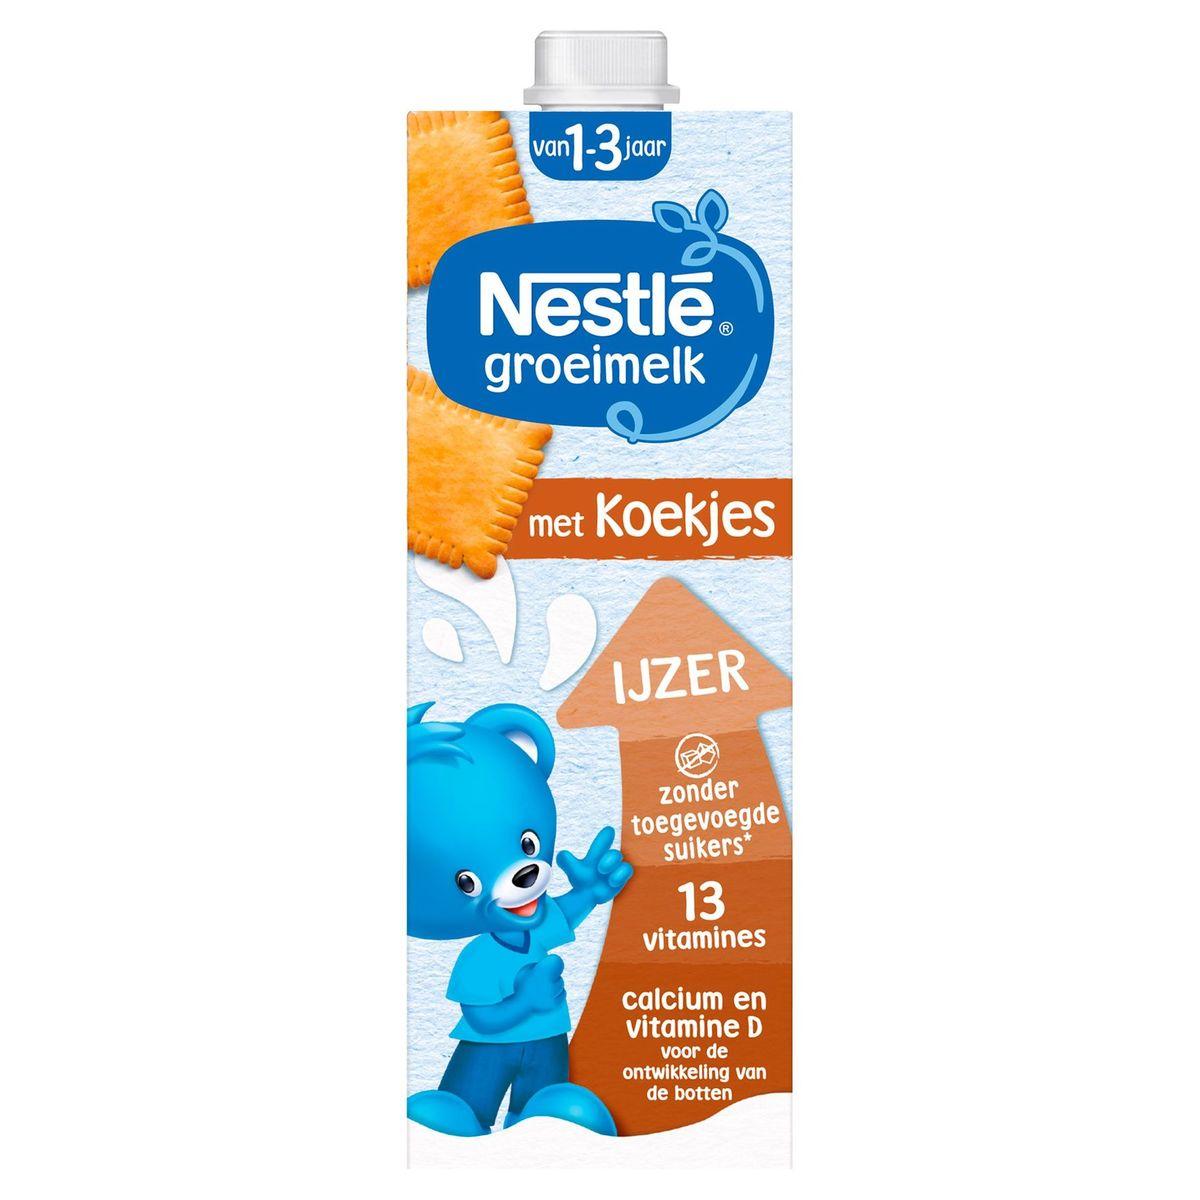 Nestlé Groeimelk met Koekjes vanaf 1 Jaar 1 L